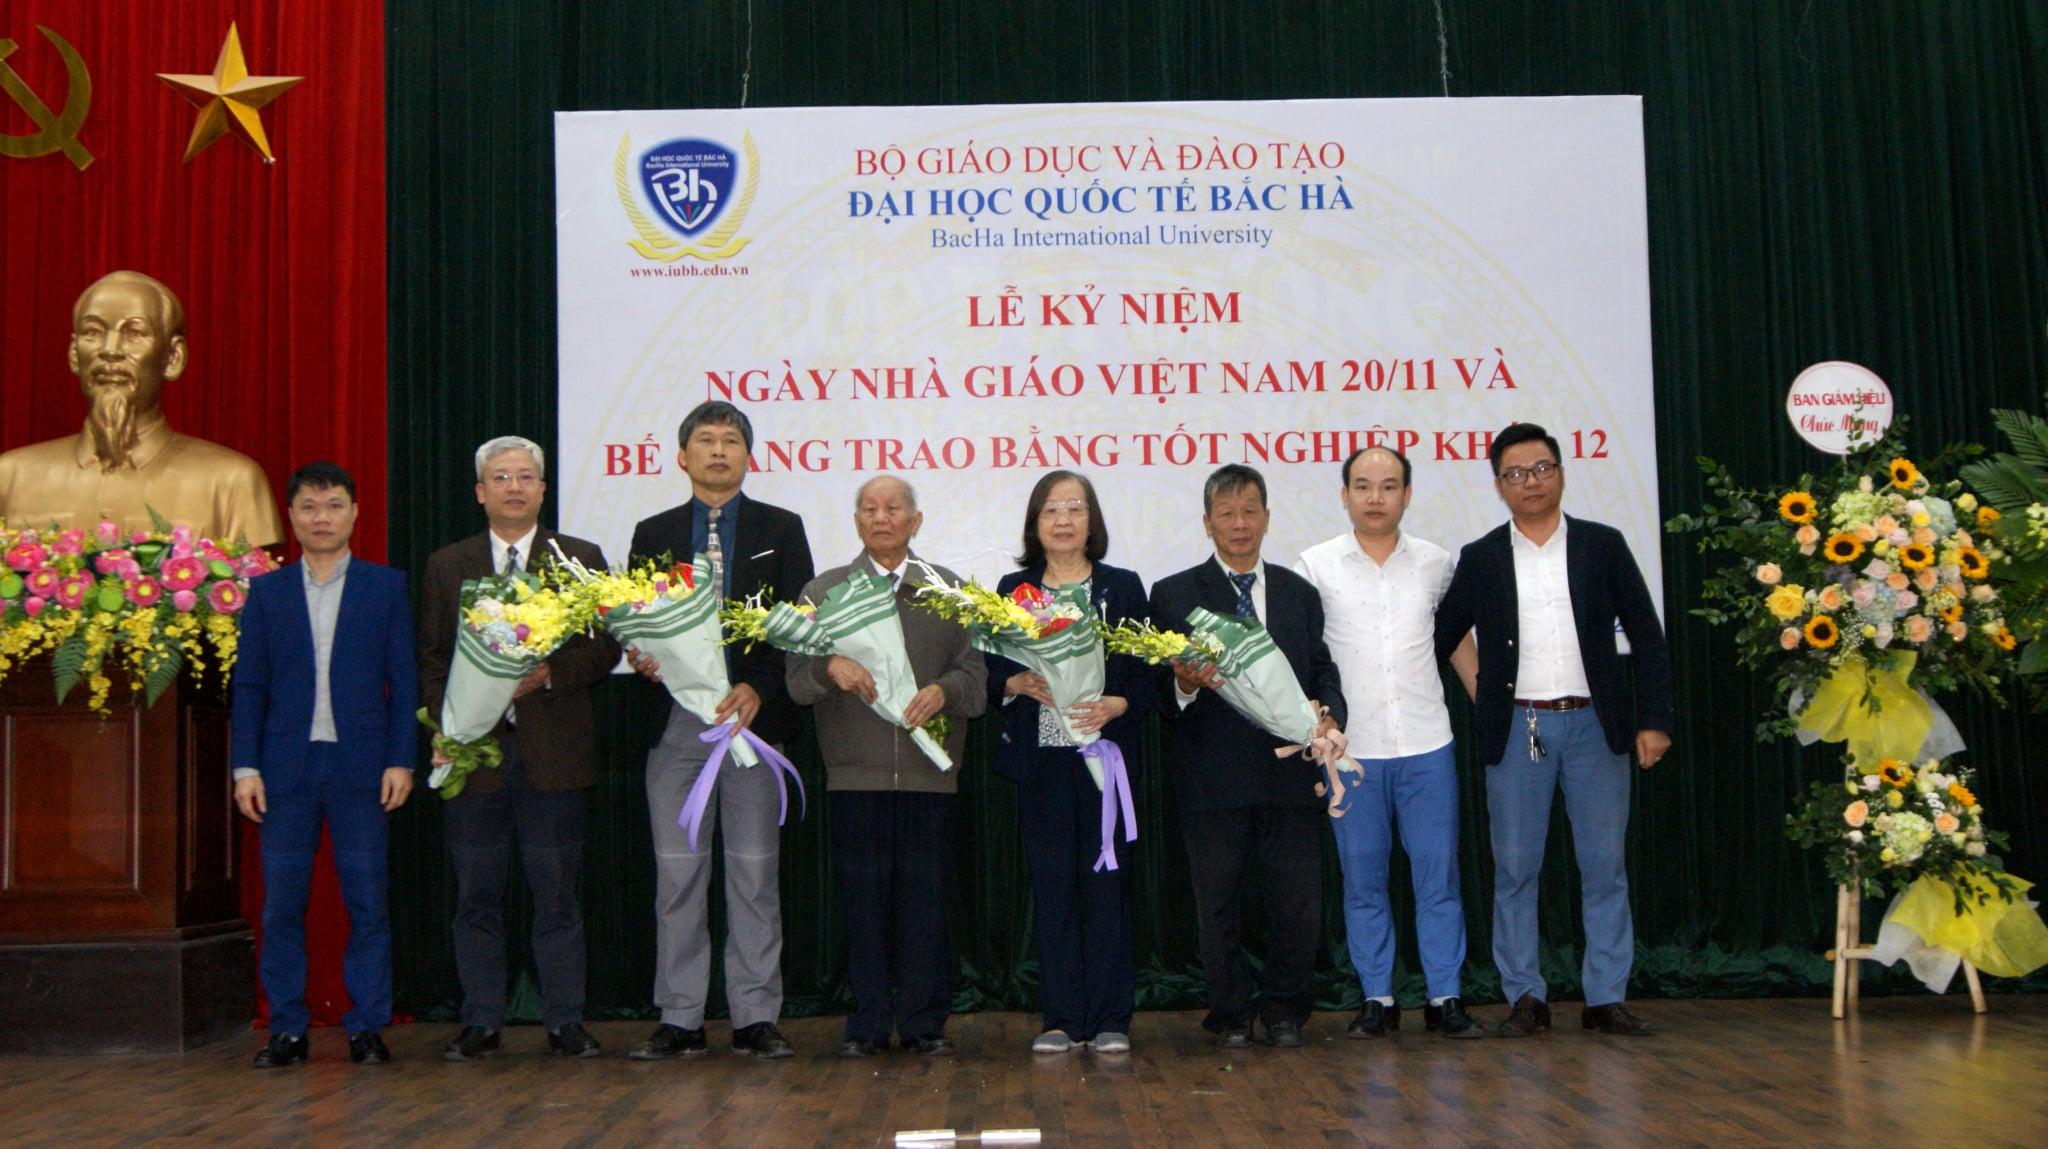 Lễ Kỷ niệm ngày Nhà giáo Việt Nam 20-11 và Bế giảng trao bằng tốt nghiệp cho sinh viên khóa K12